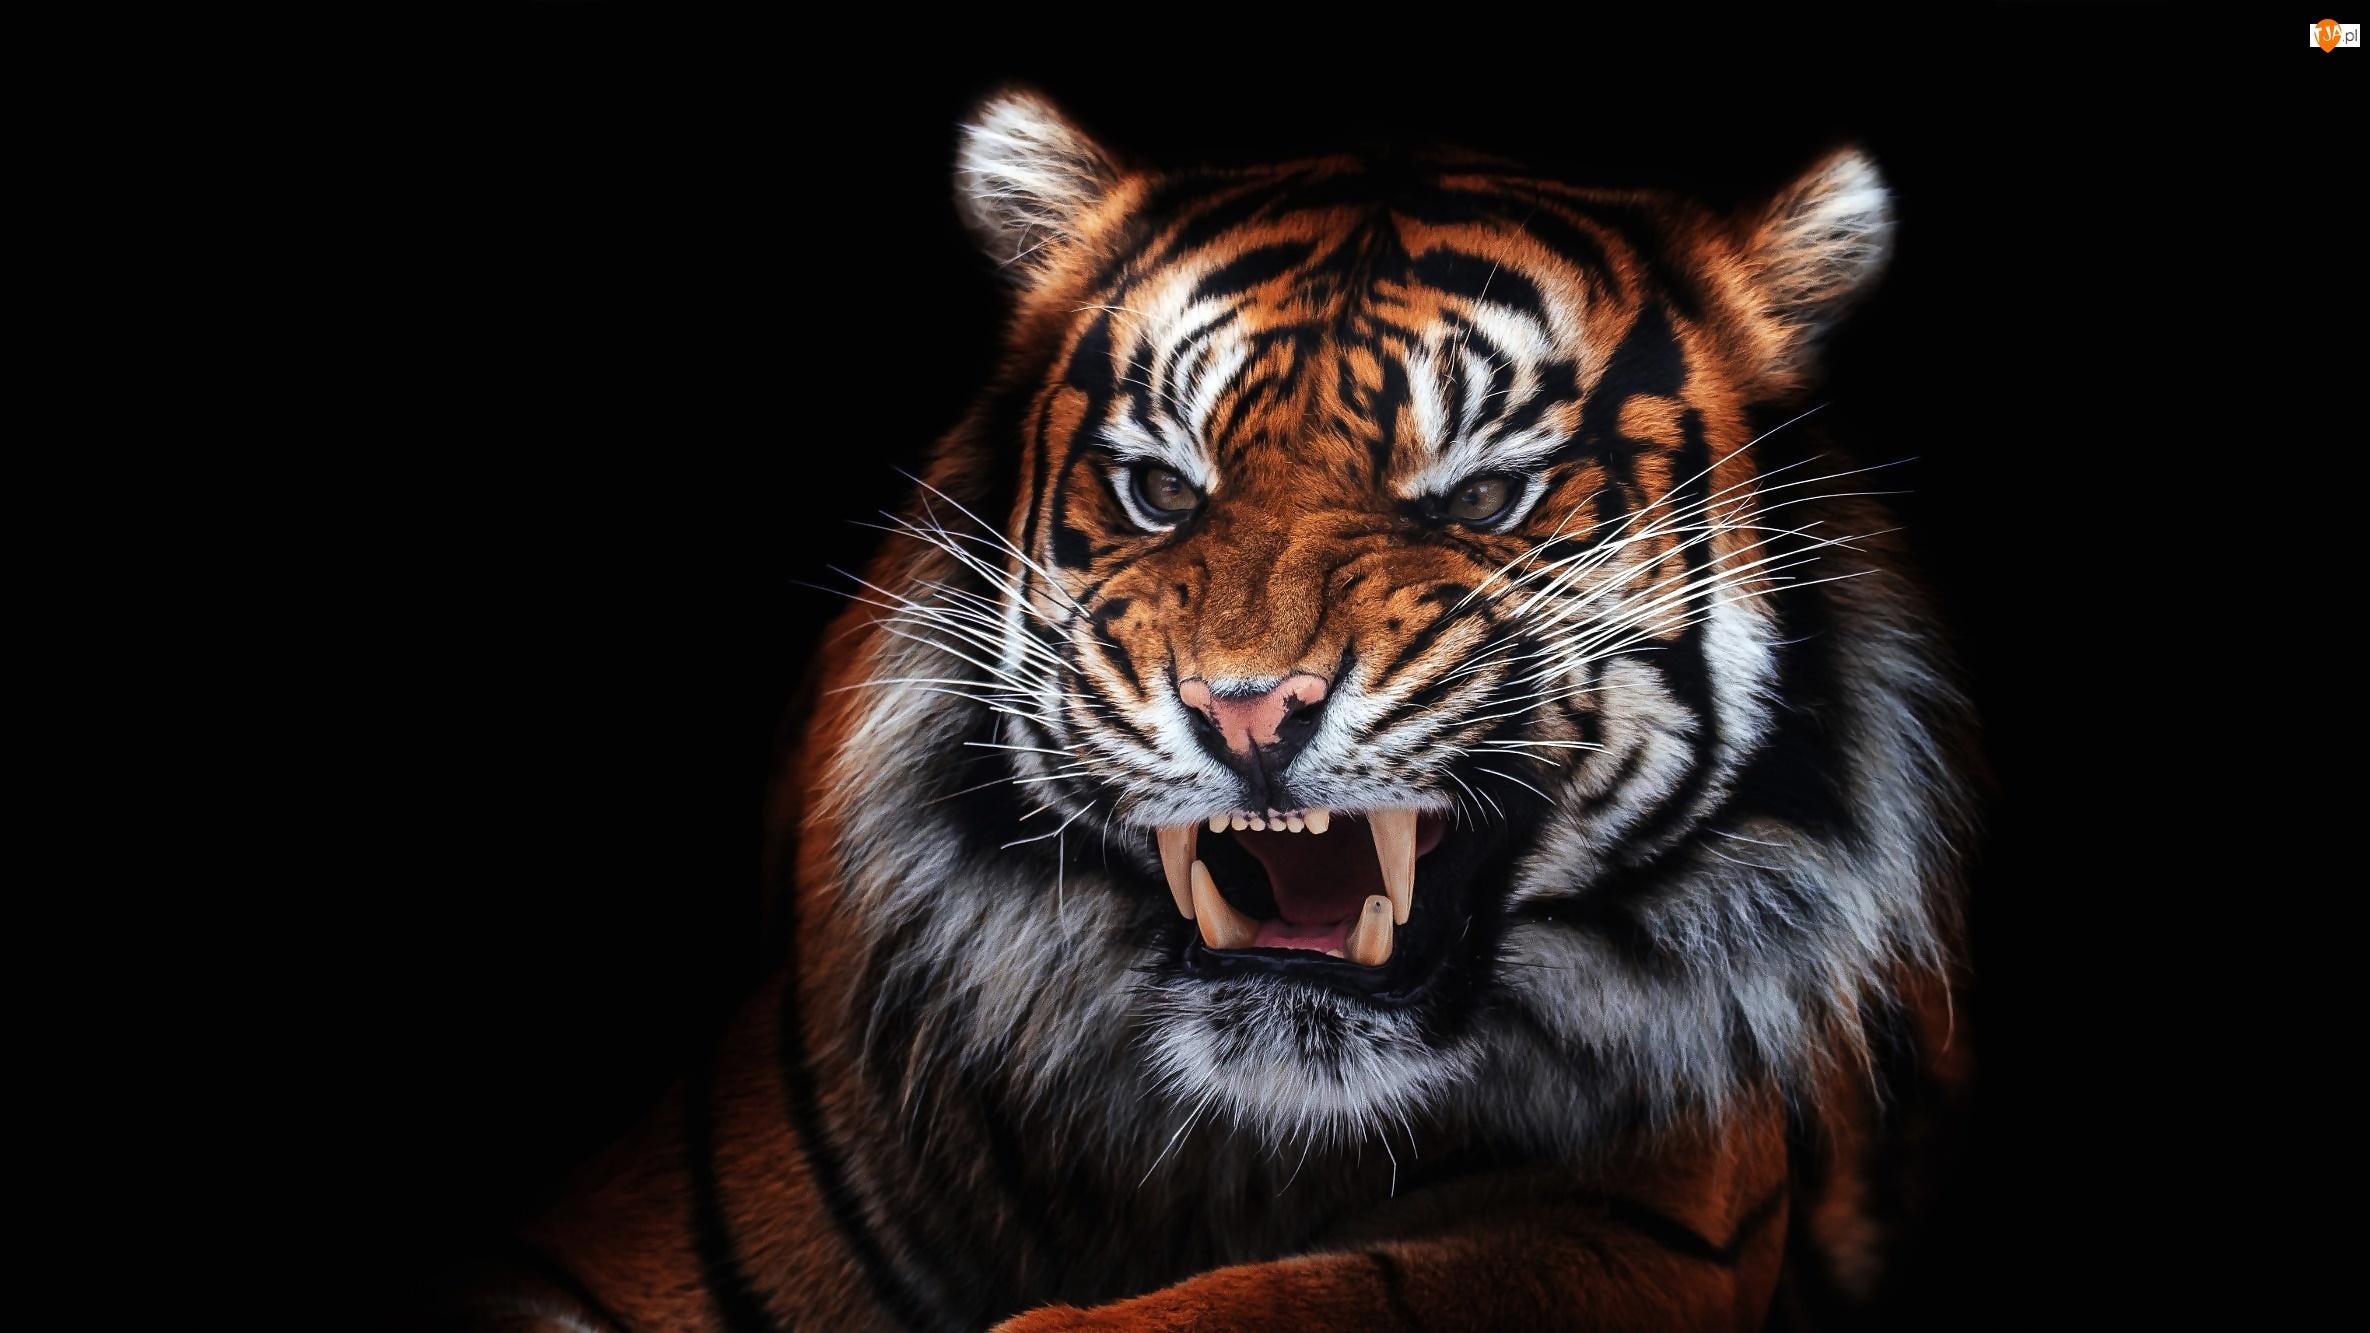 Czarne tło, Tygrys, Kły